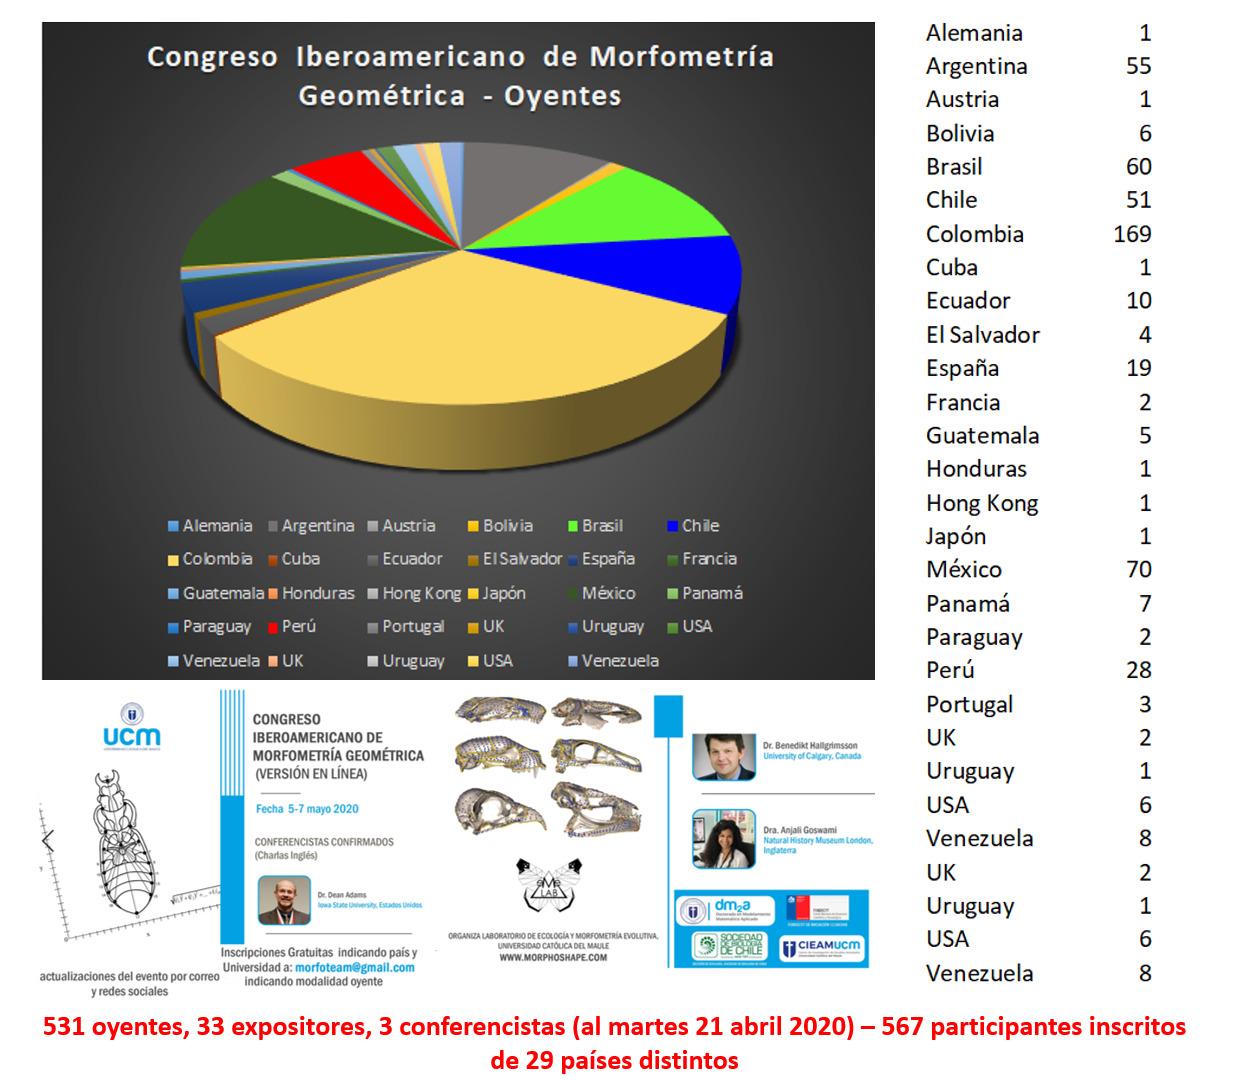 Ciencia: UCM organiza el evento científico más masivo en morfometría geométrica a nivel latinoamericano